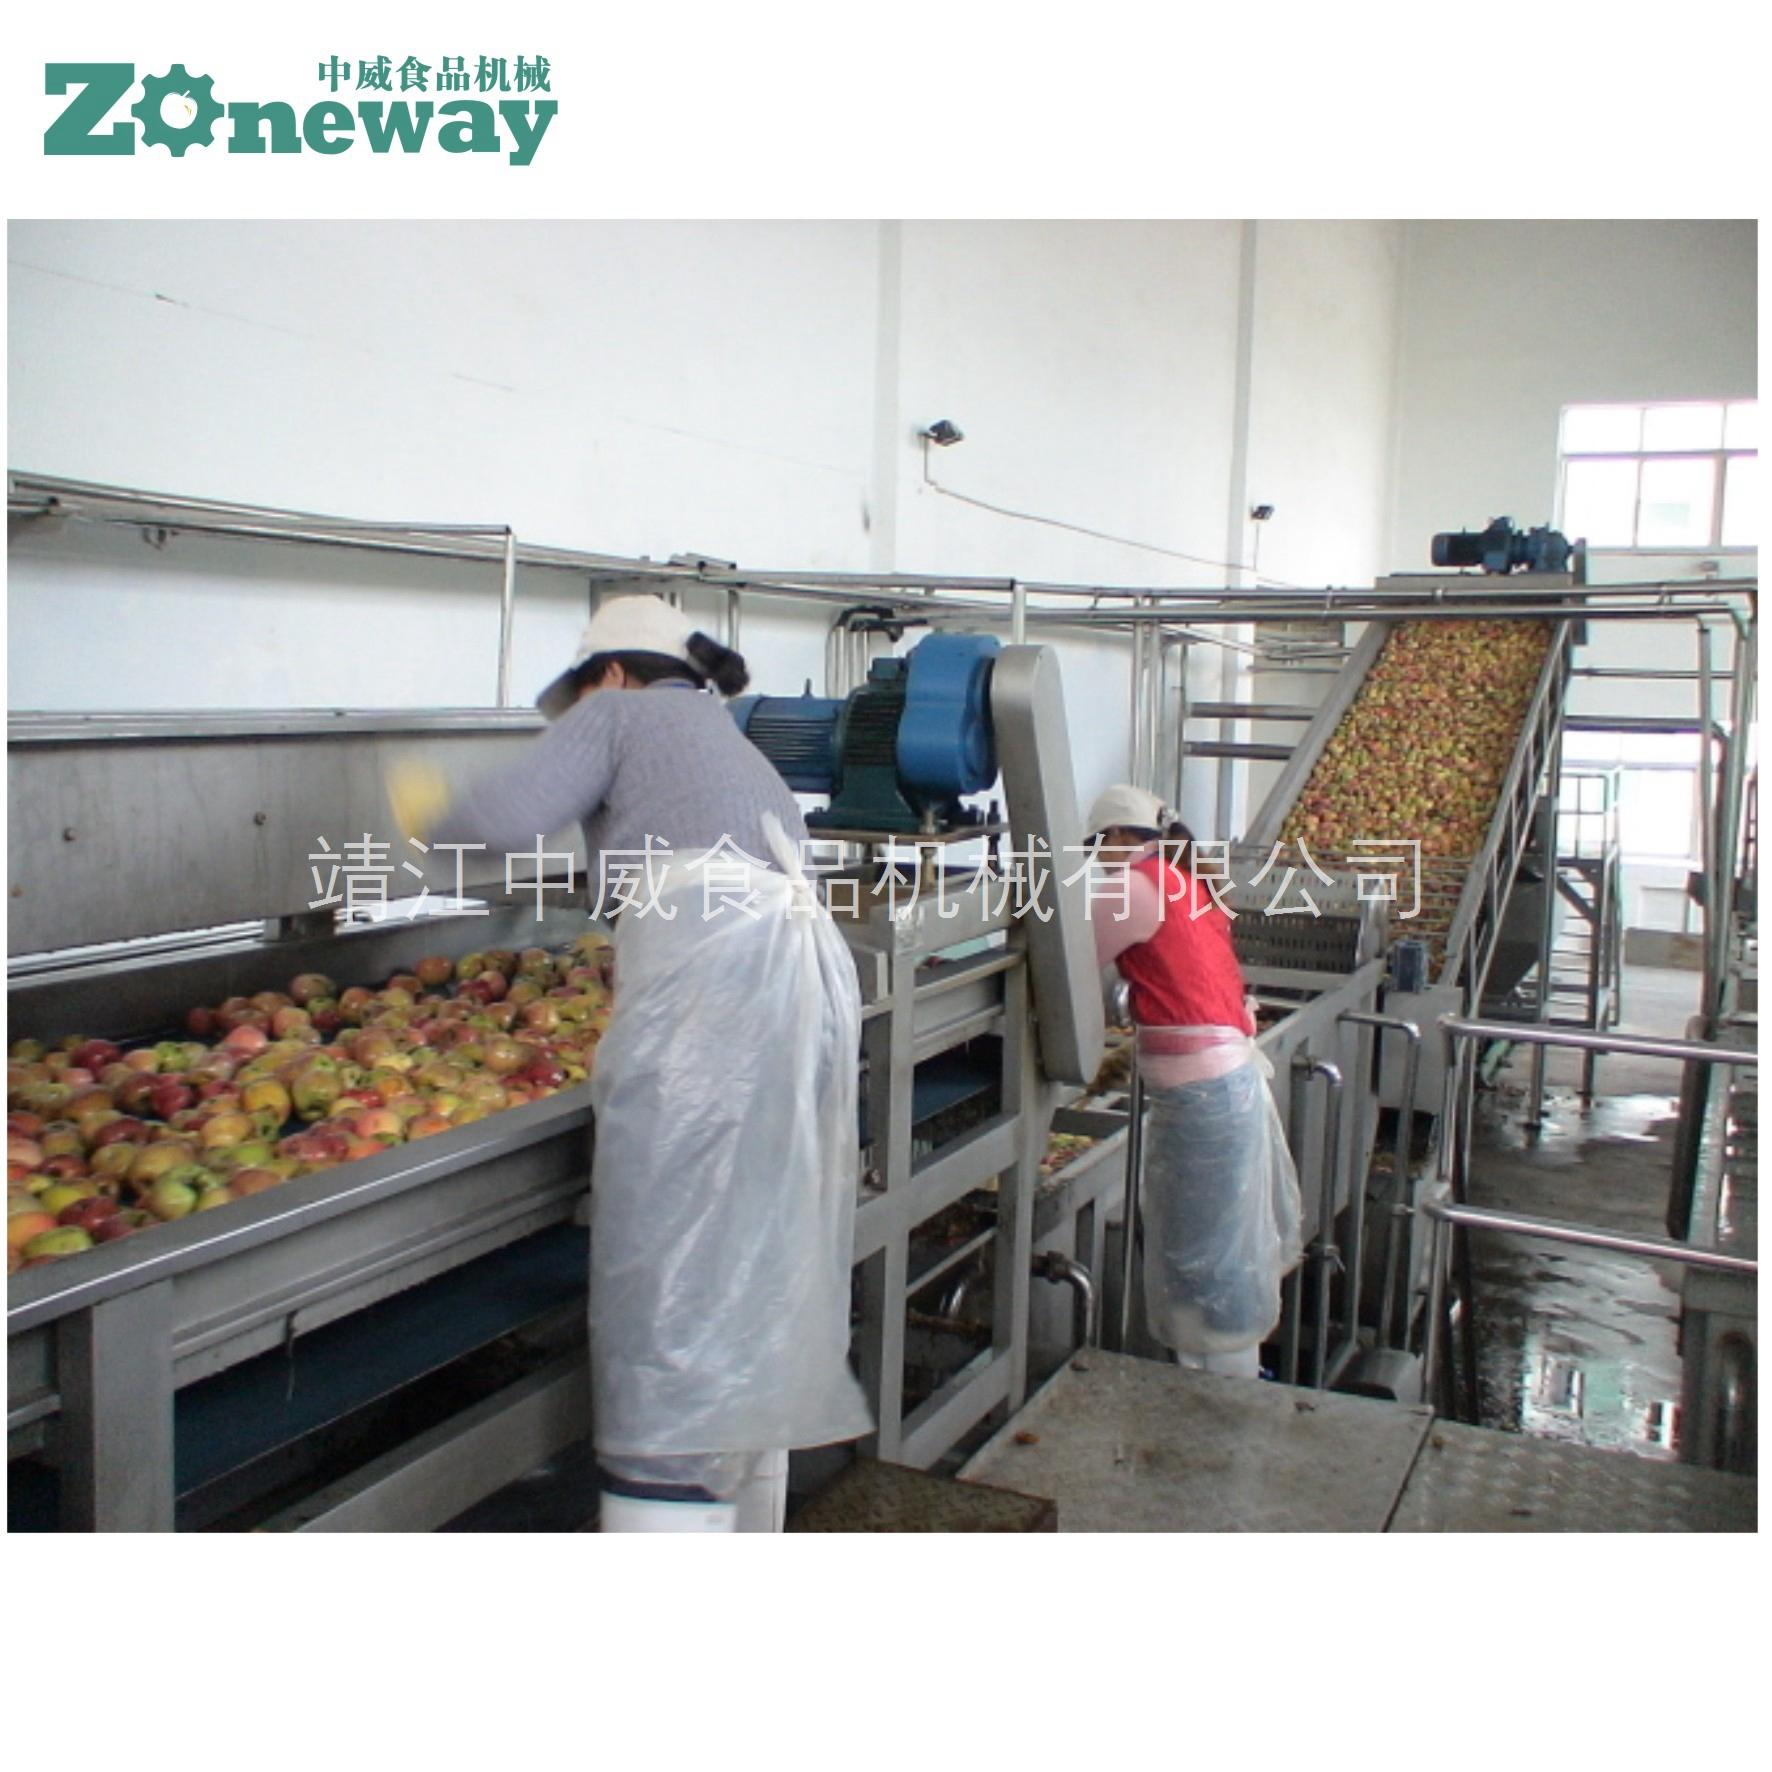 苹果汁、浓缩果汁饮料生产线加工设备